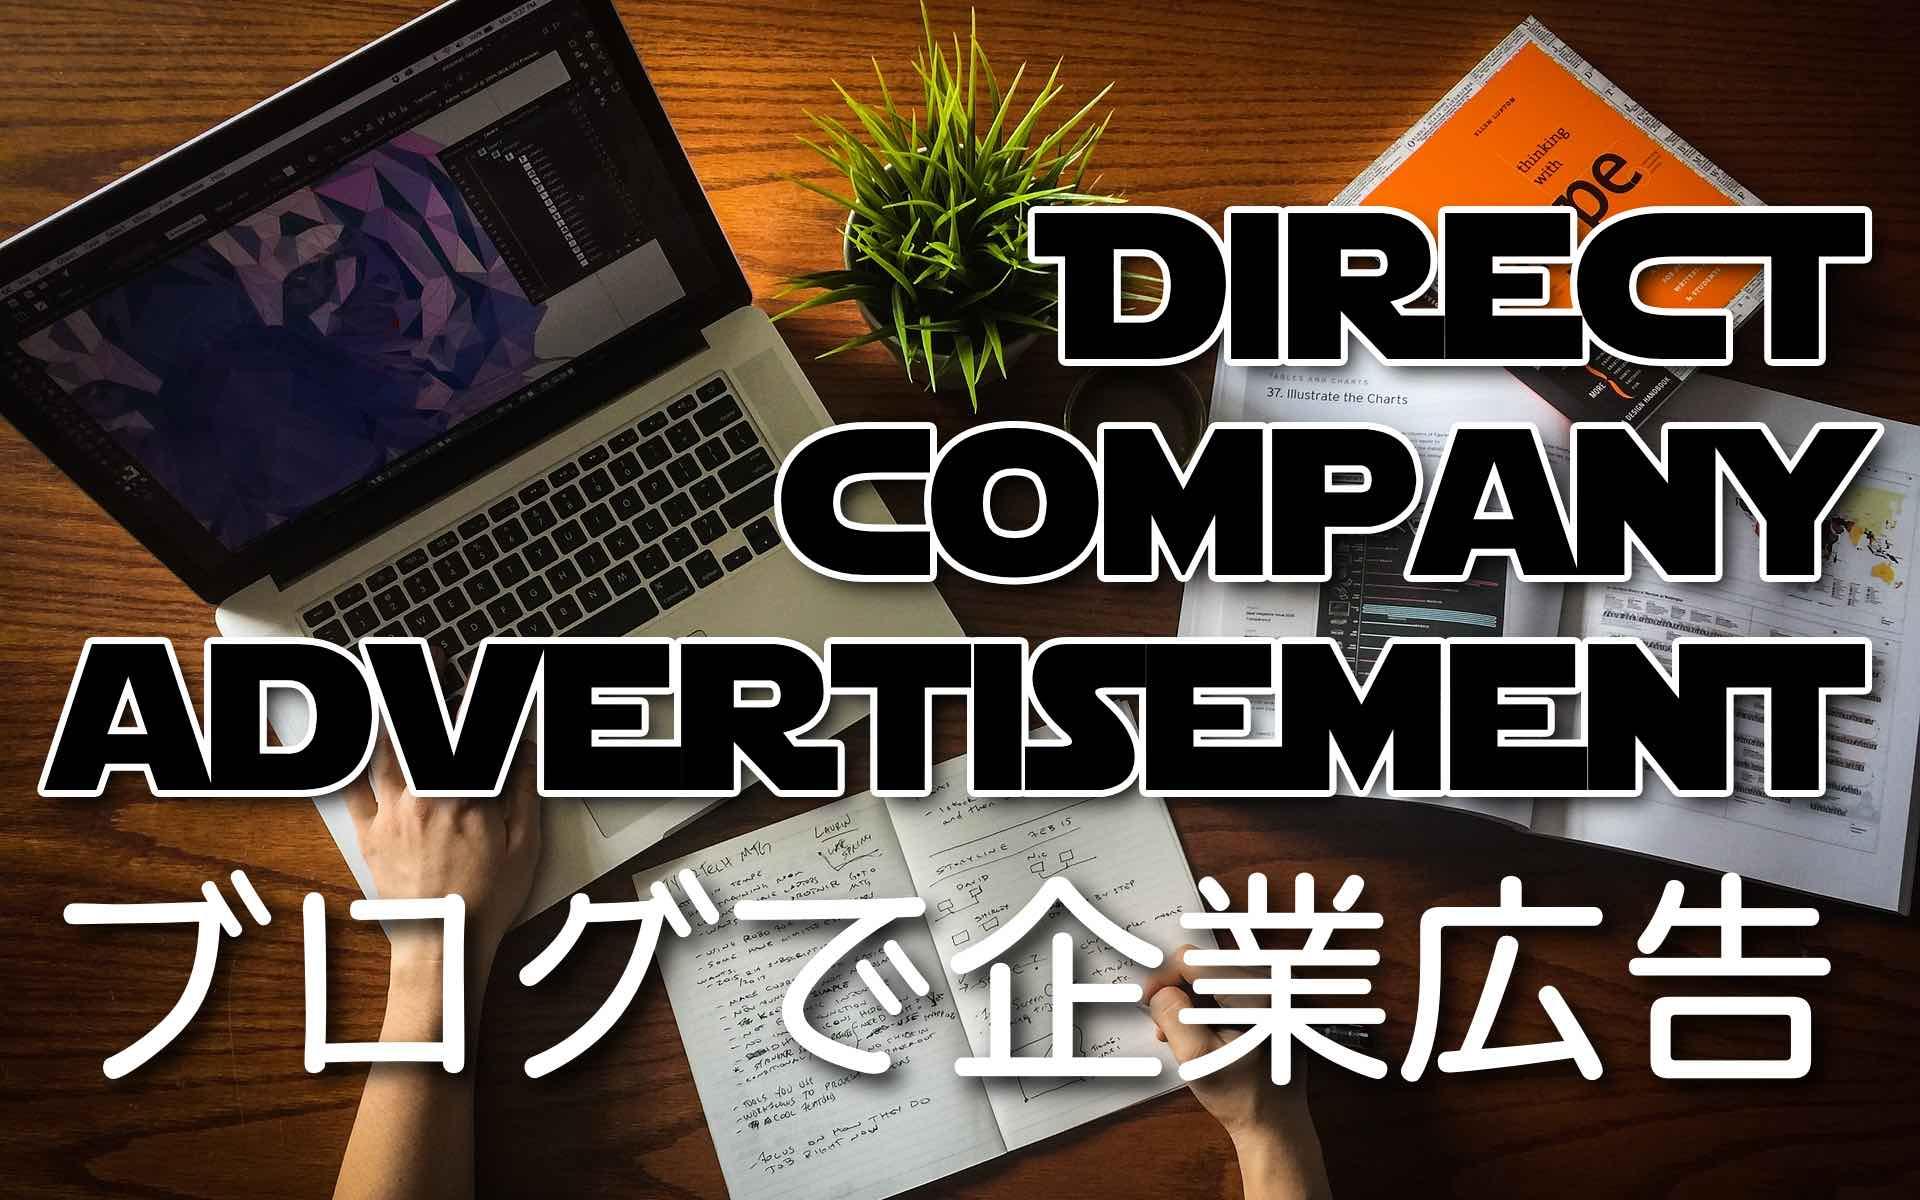 ブログで企業広告